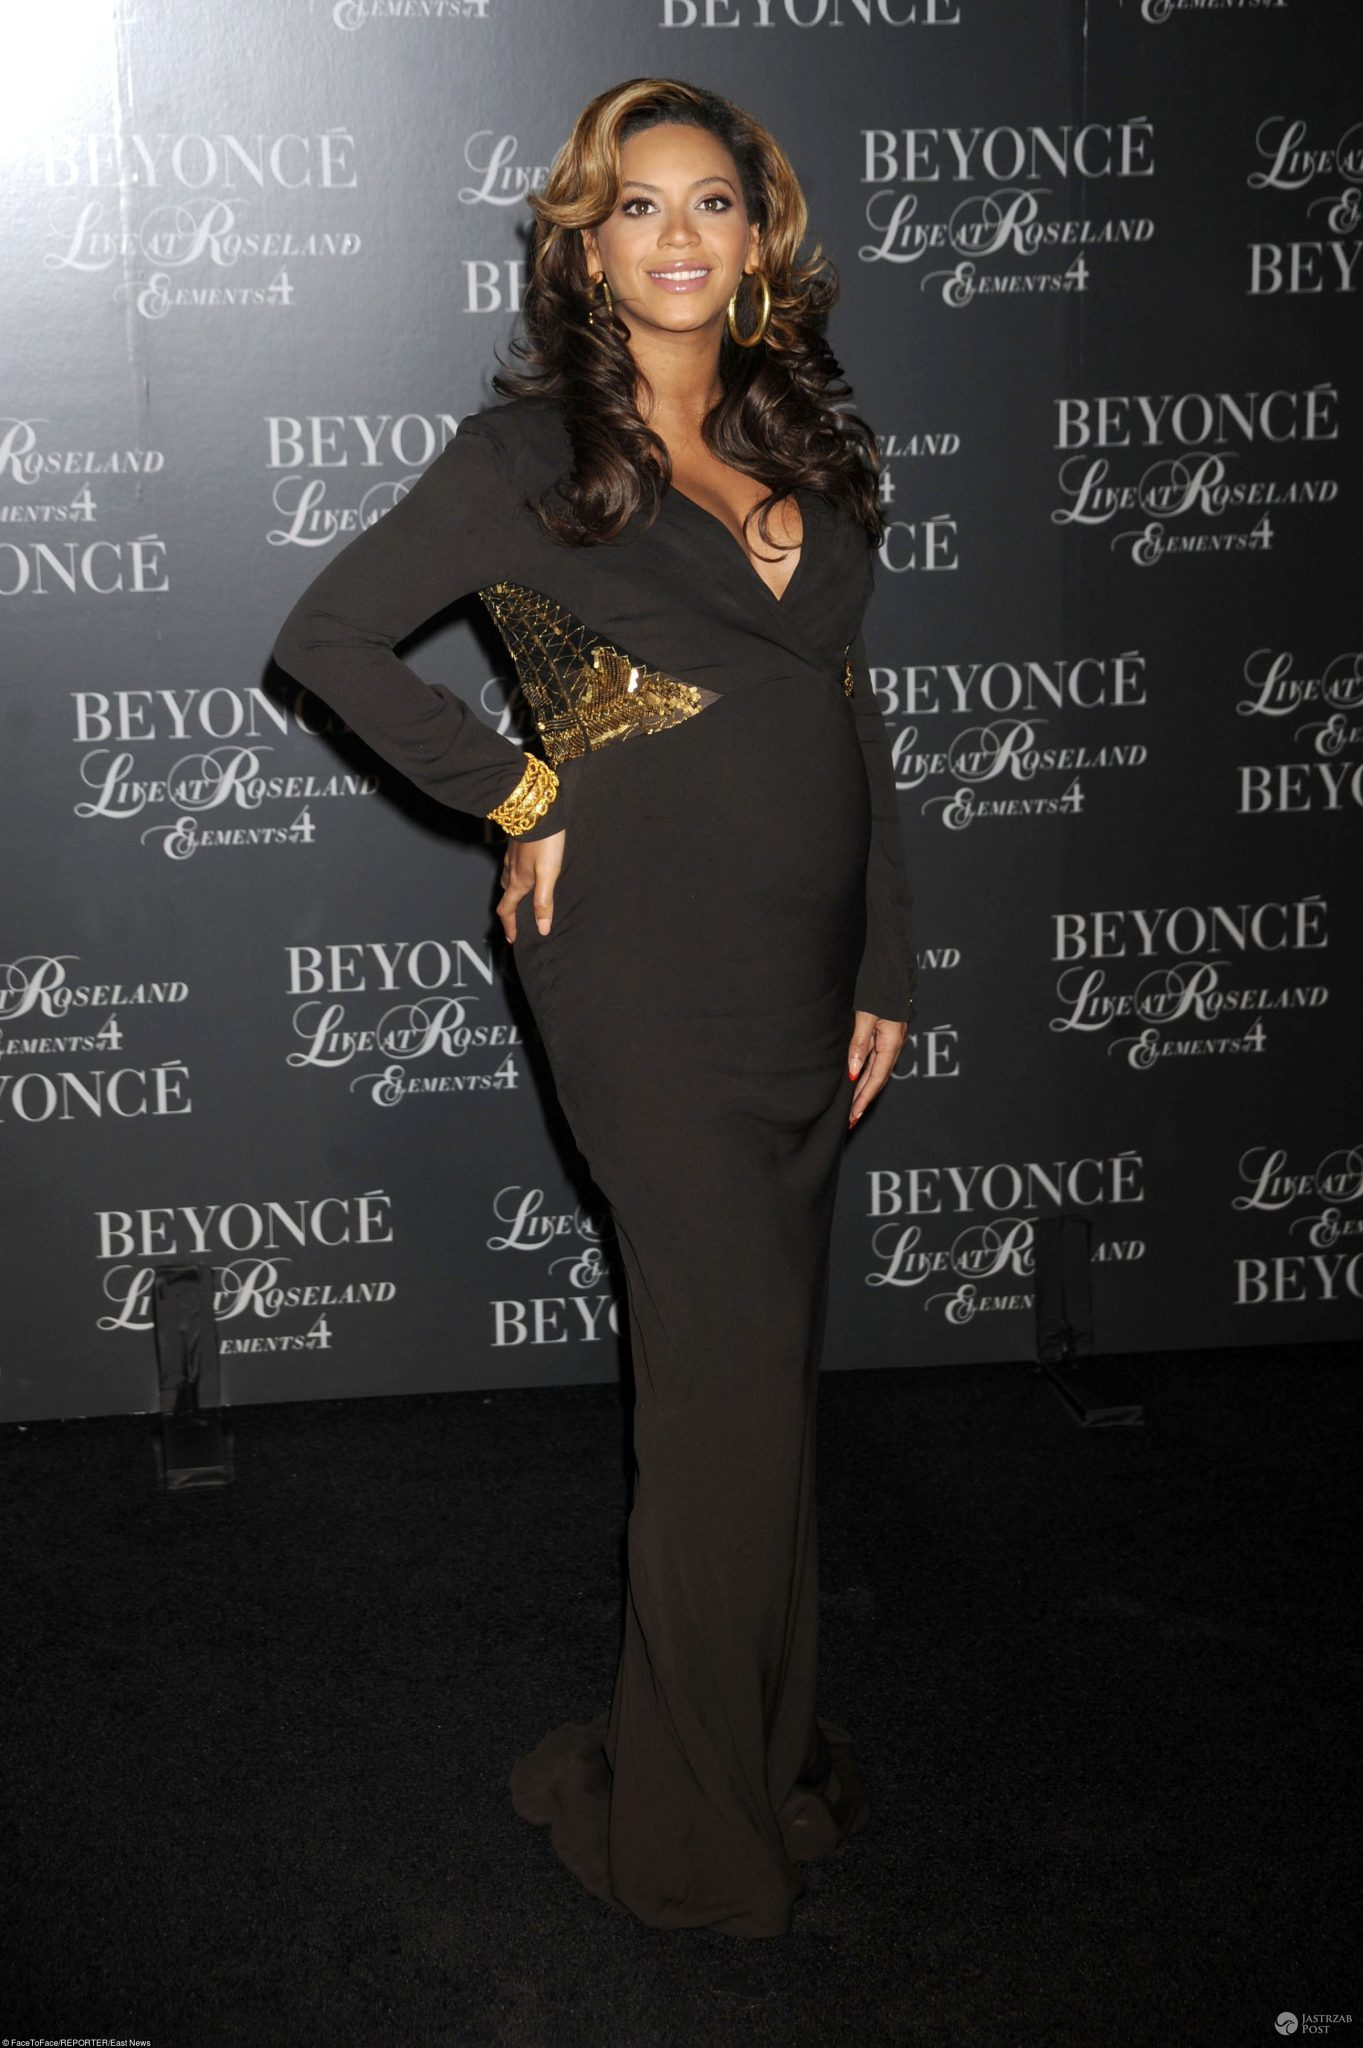 ciążowe stylizacje Beyonce z czasów pierwszej ciąży, 2011 r.